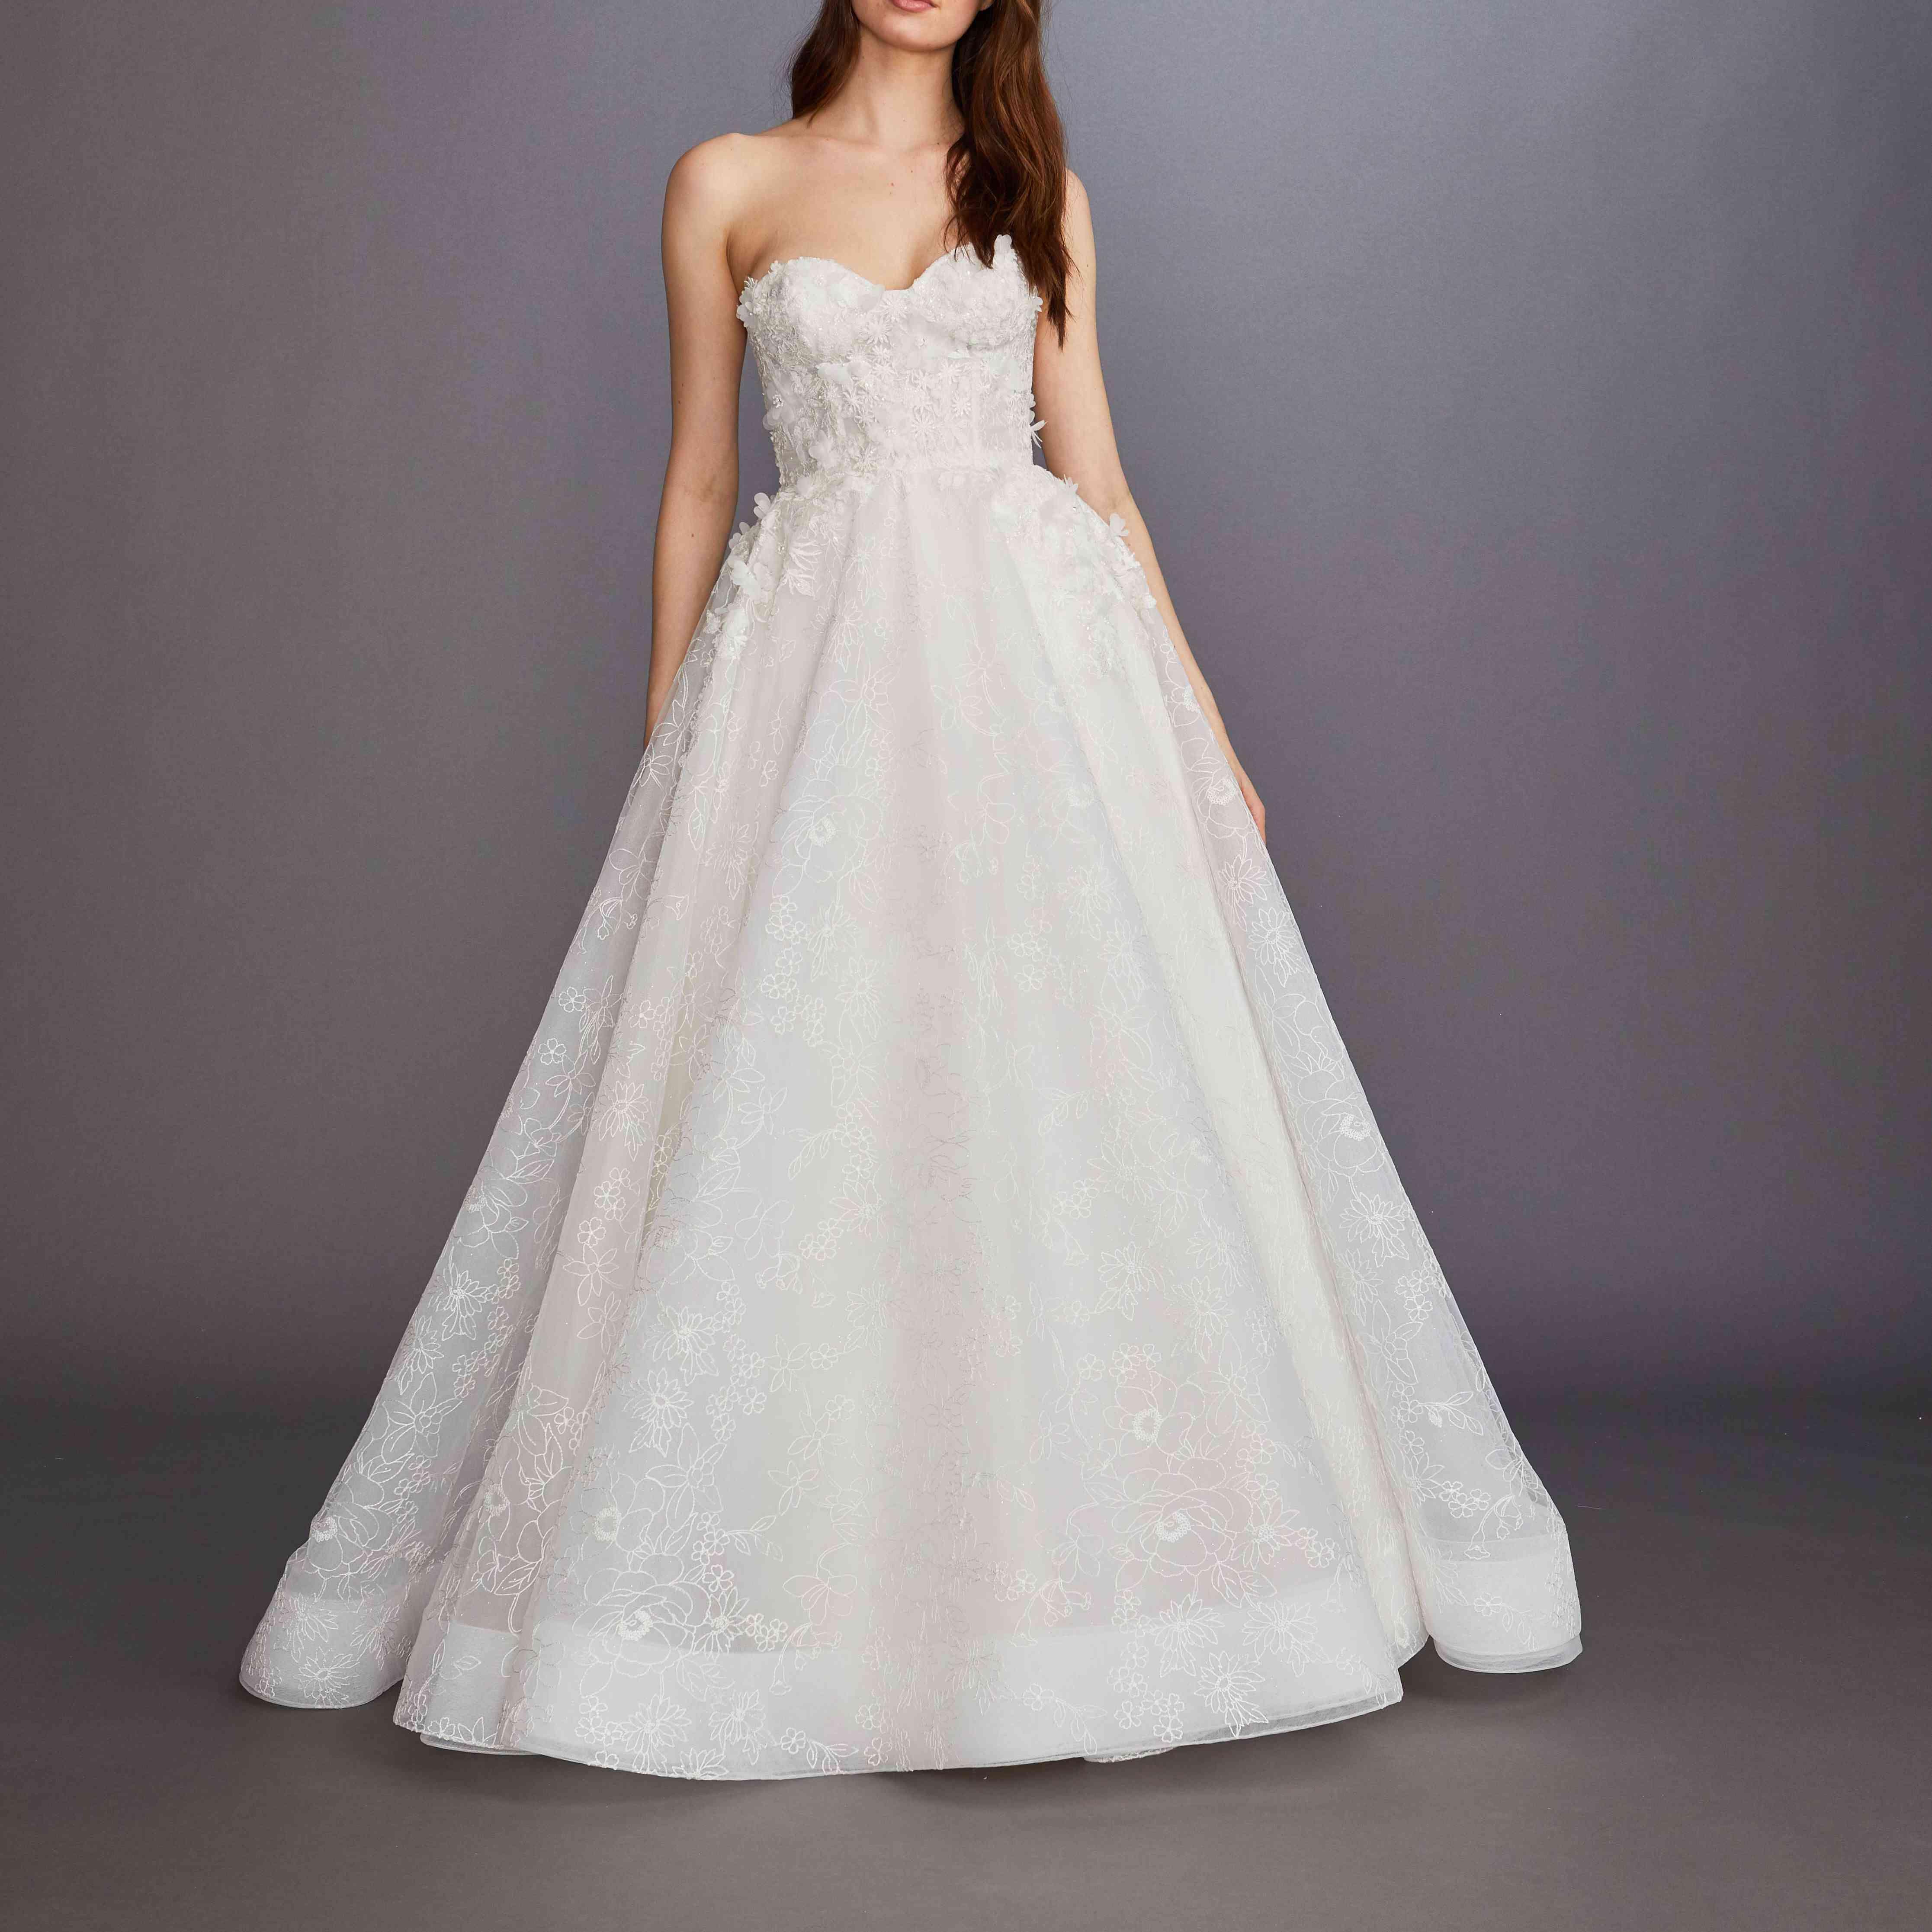 Marigold strapless wedding ball gown by Lazaro